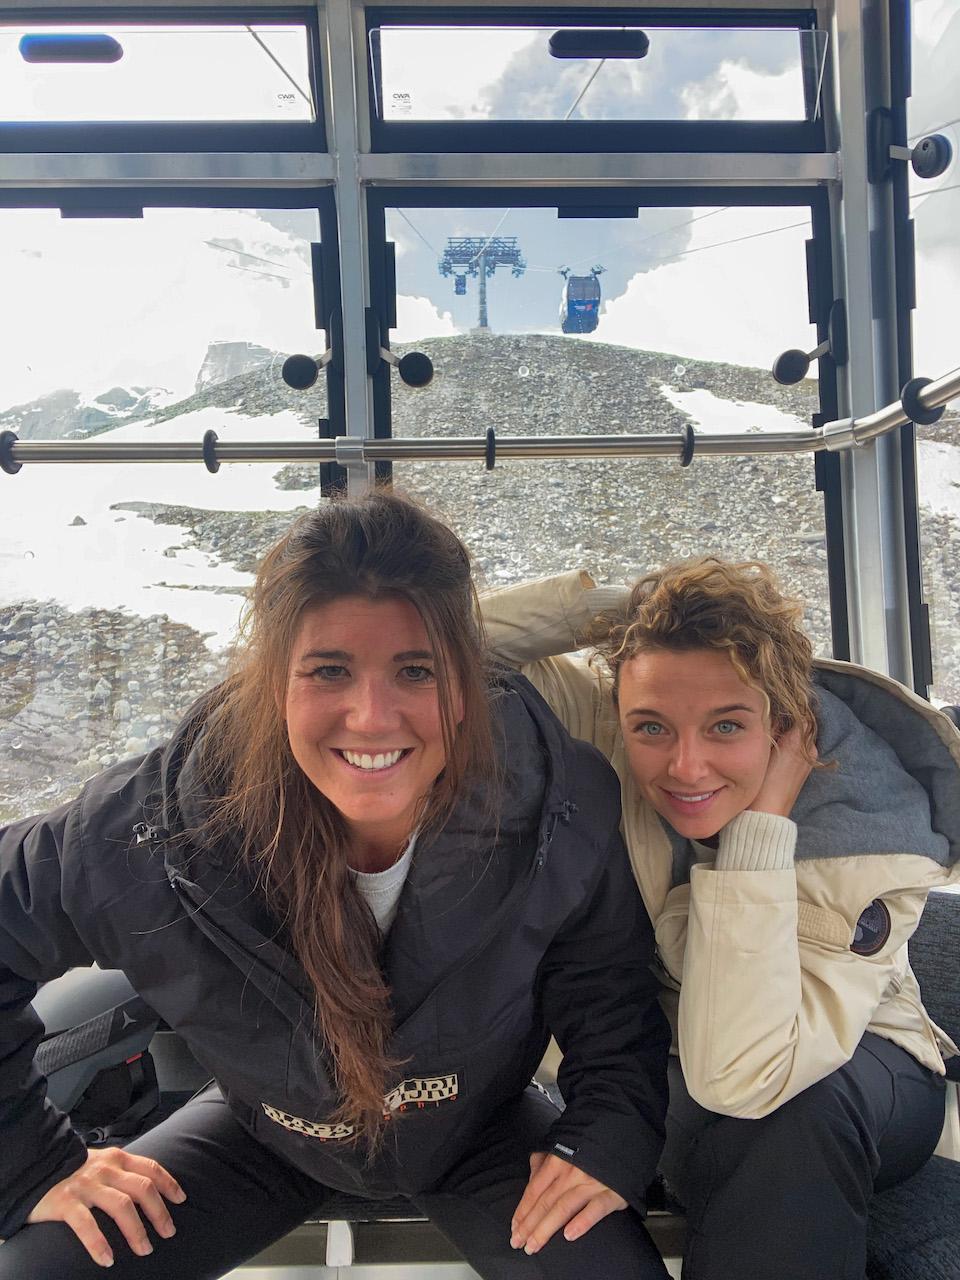 Liften Zomer skiën op de Hintertuxer- samen met juliette Verwije